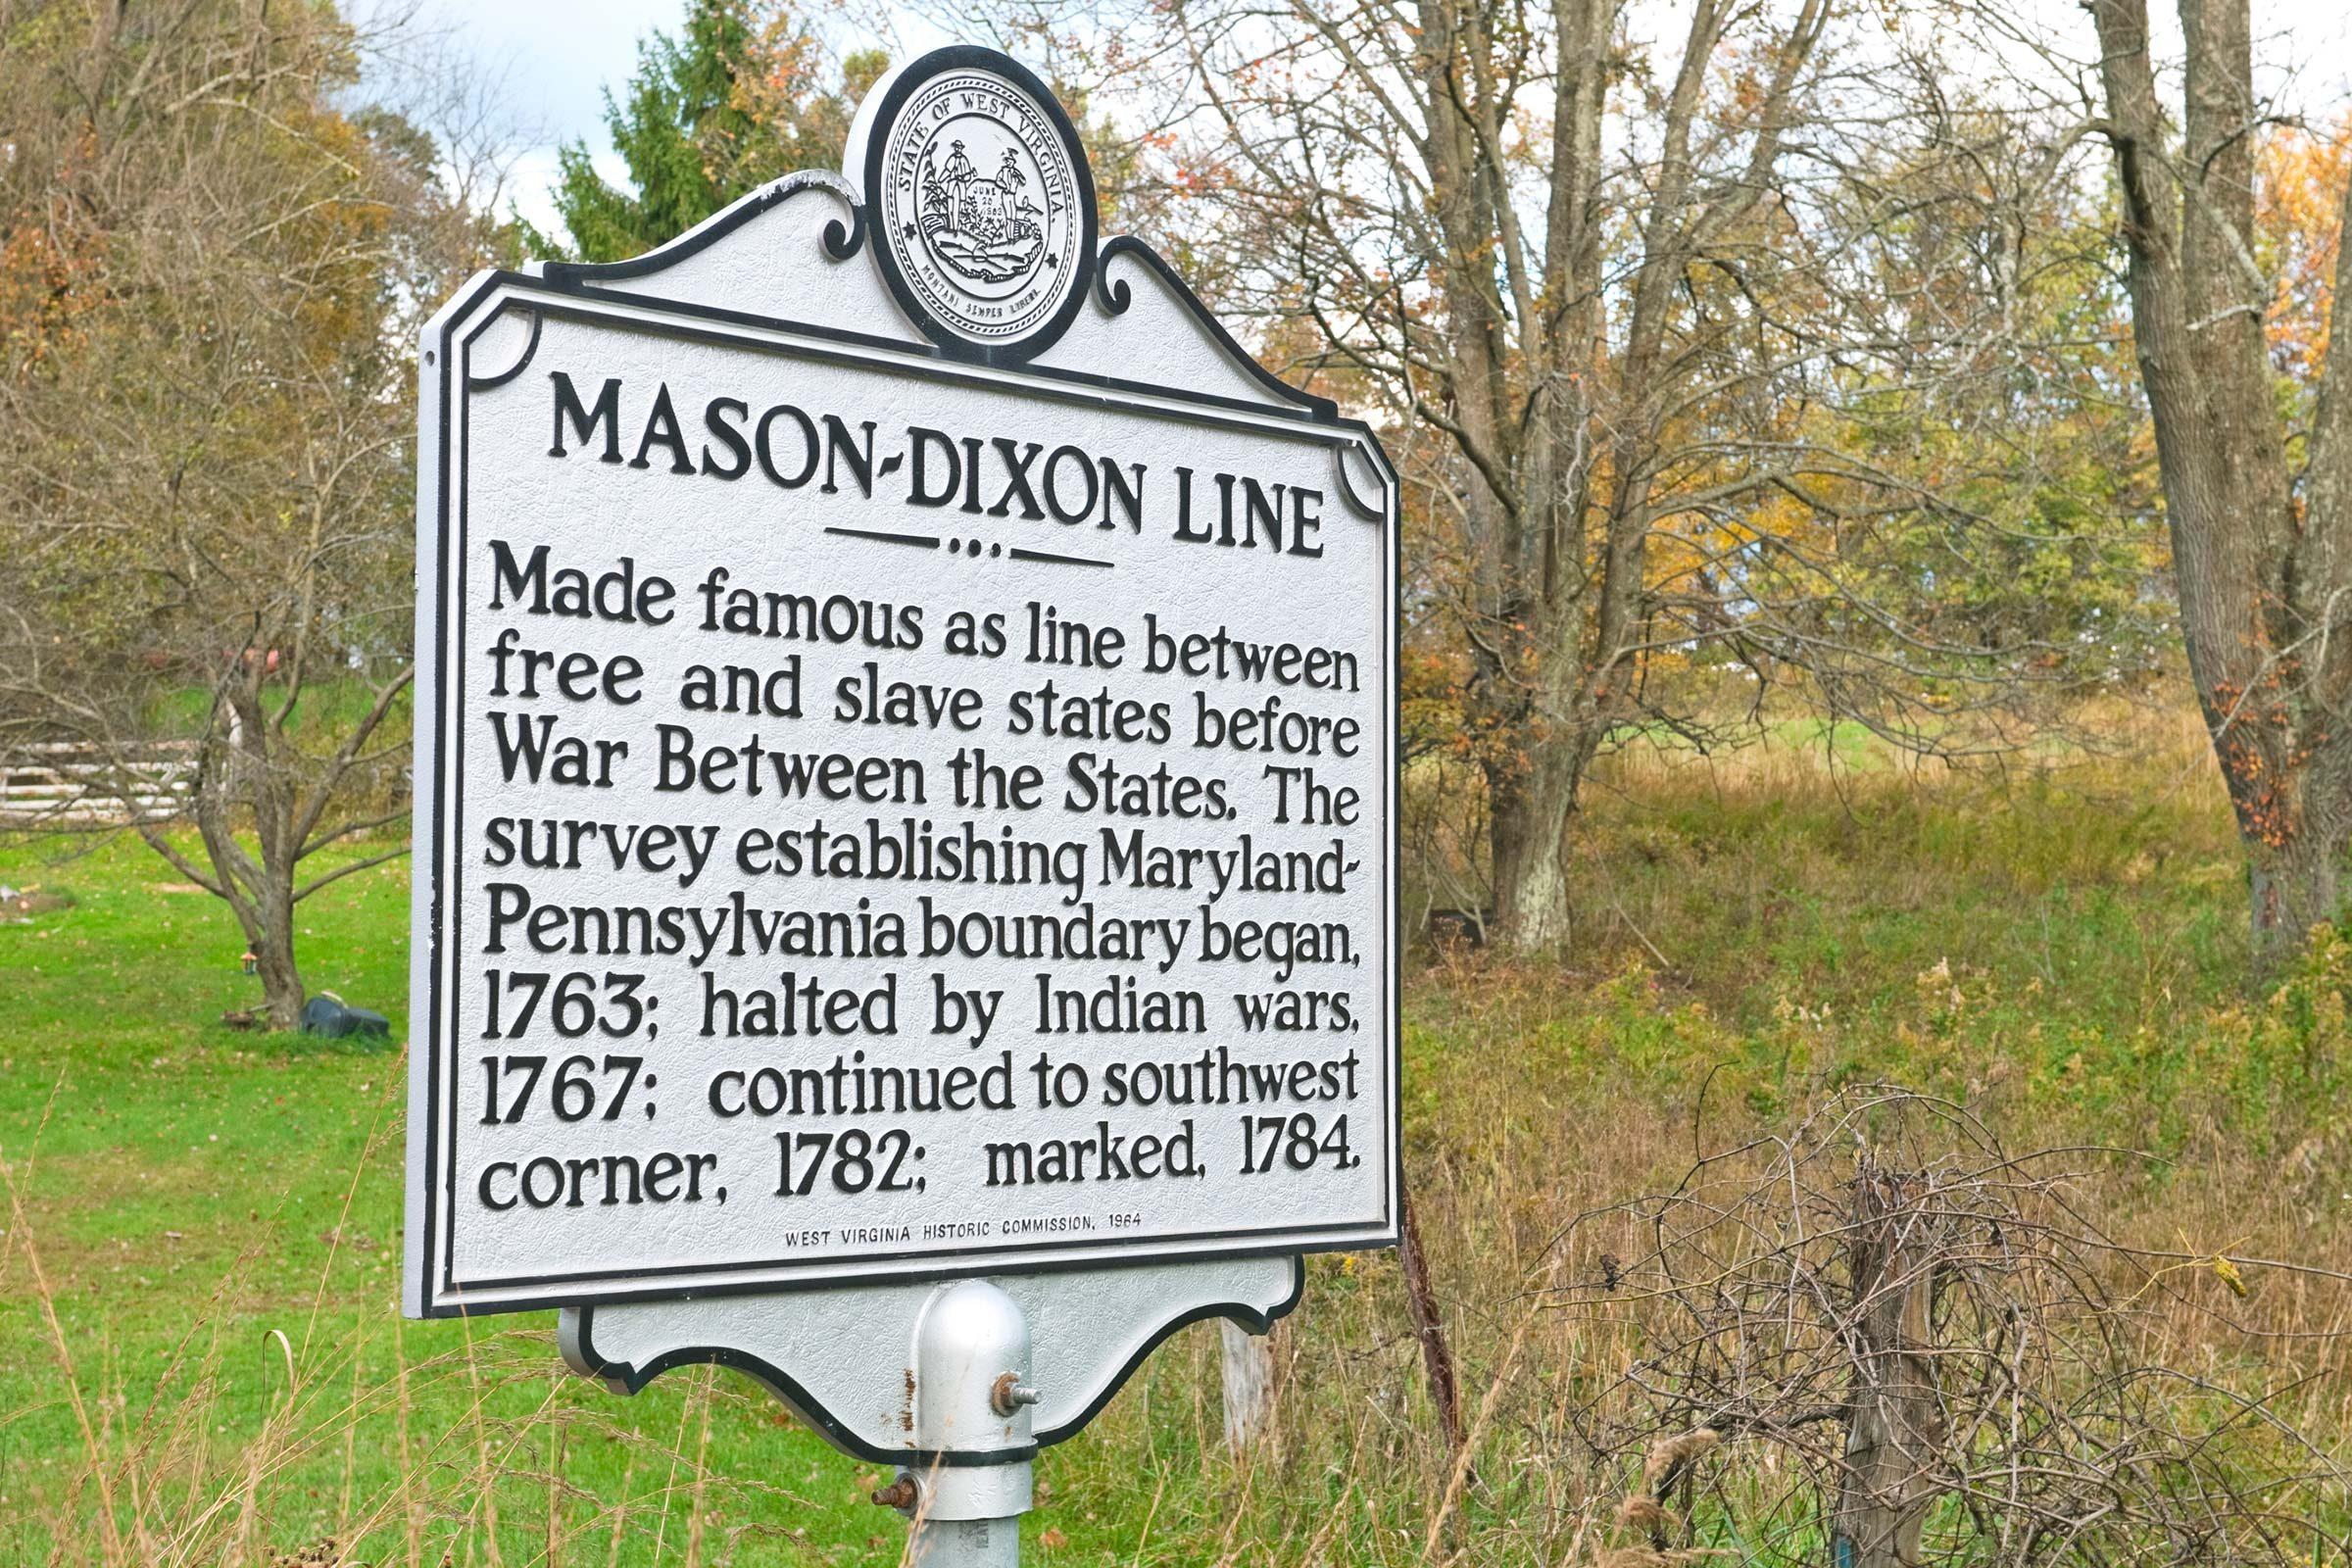 Walk the Mason-Dixon line